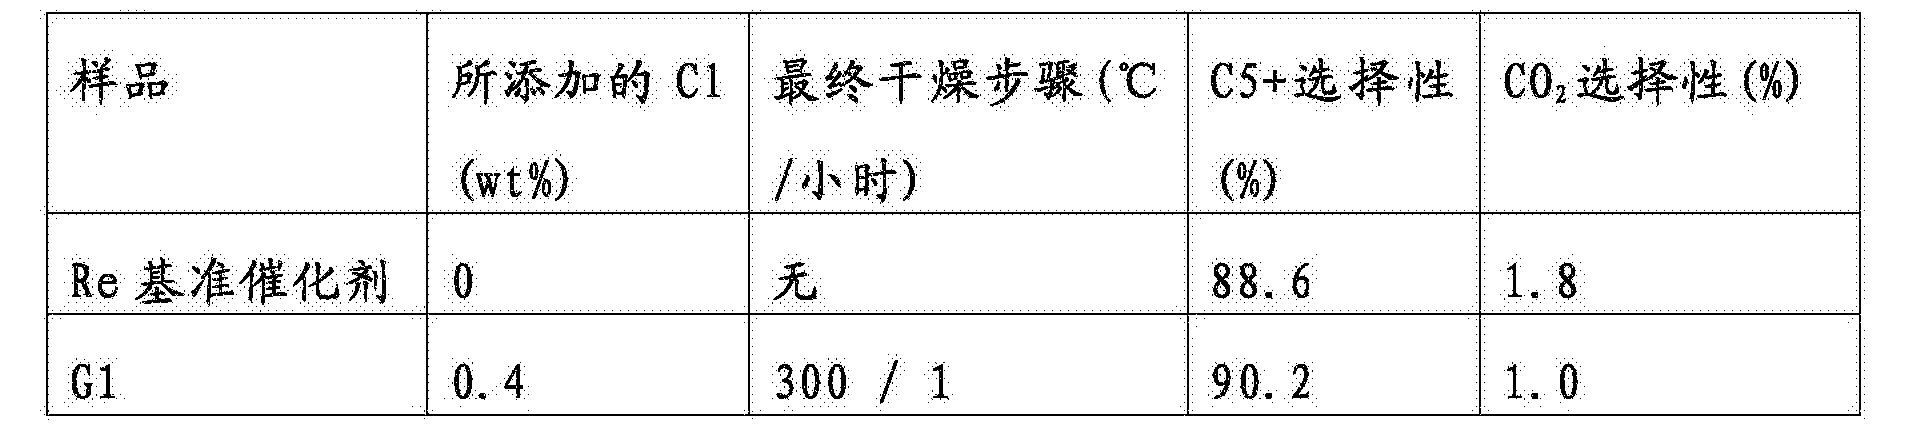 Figure CN105531027BD00171